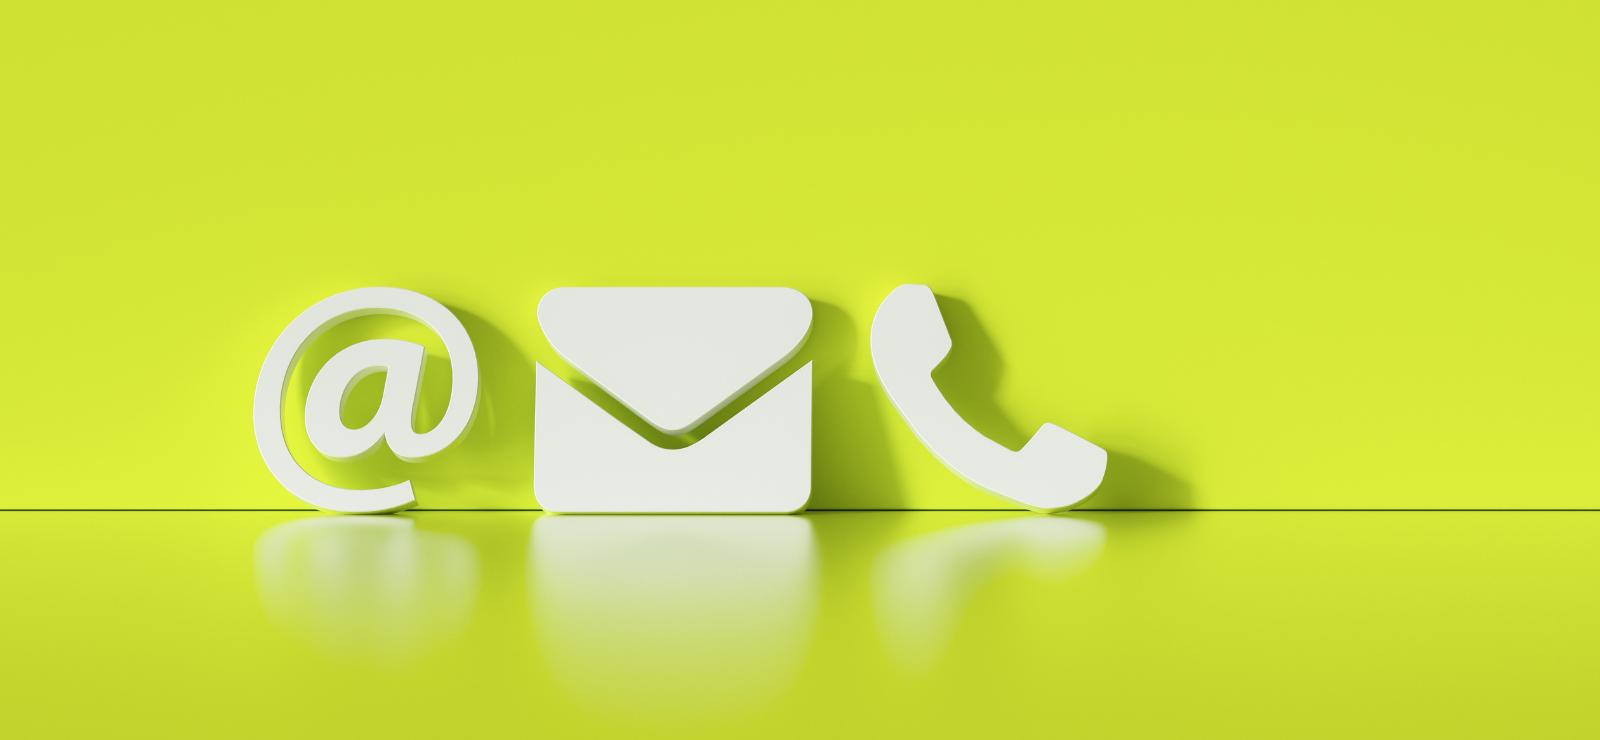 Yhteydenottosymbolit, sähköpostin @-merkki, kirjekuori ja puhelinluuri.